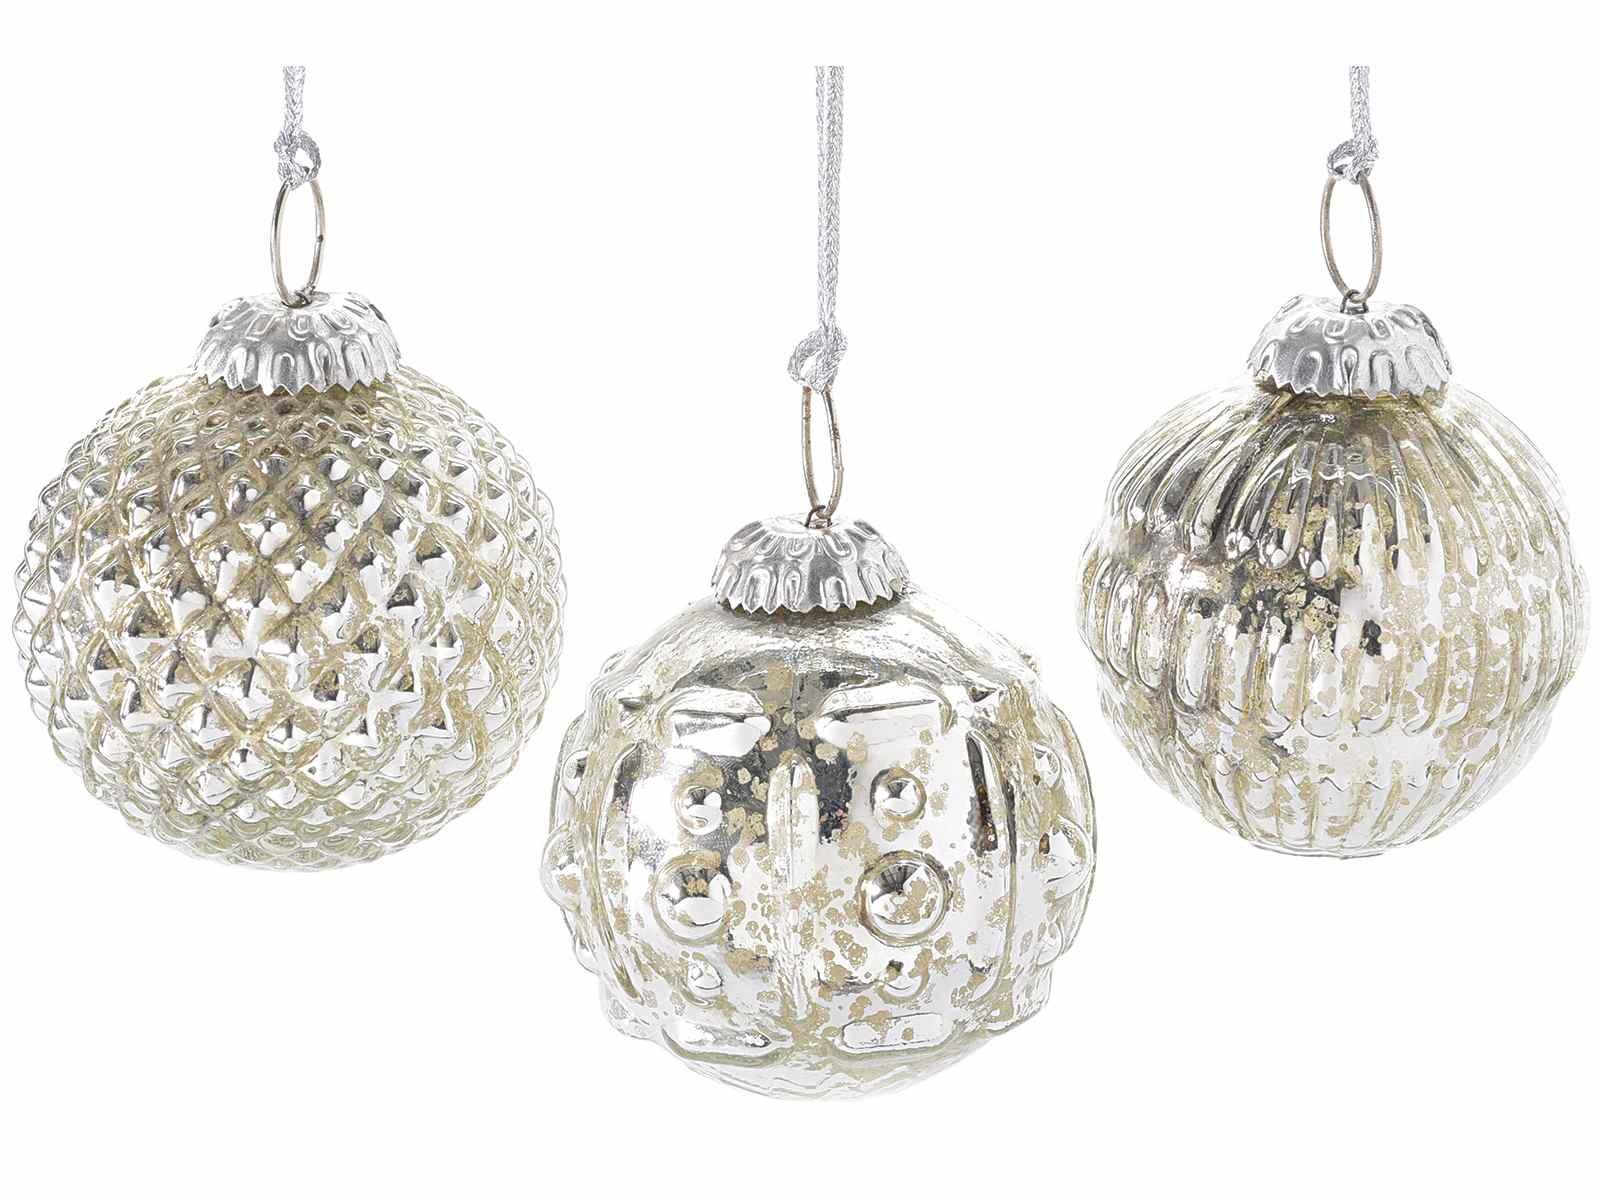 Silberne Weihnachtskugeln.Silberne Hangende Weihnachtskugeln 80 13 78 Art From Italy